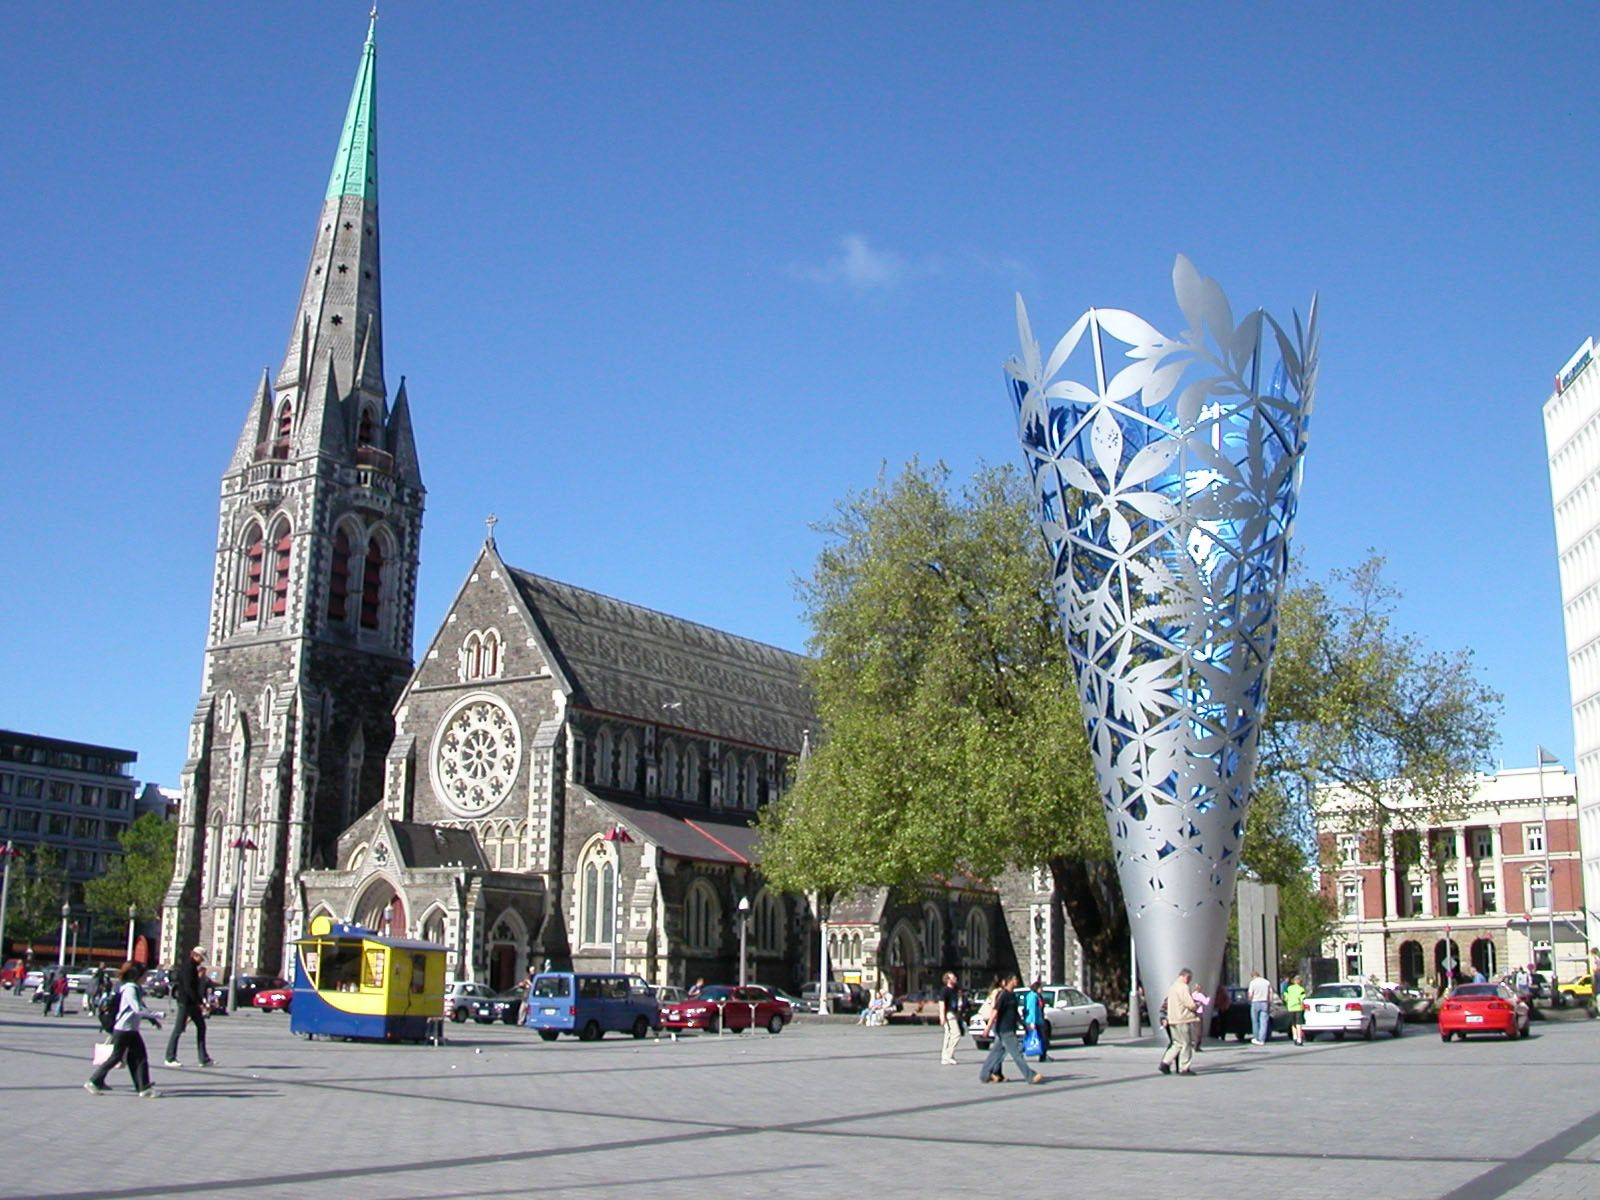 Christchurch: Christchurch, New Zealand